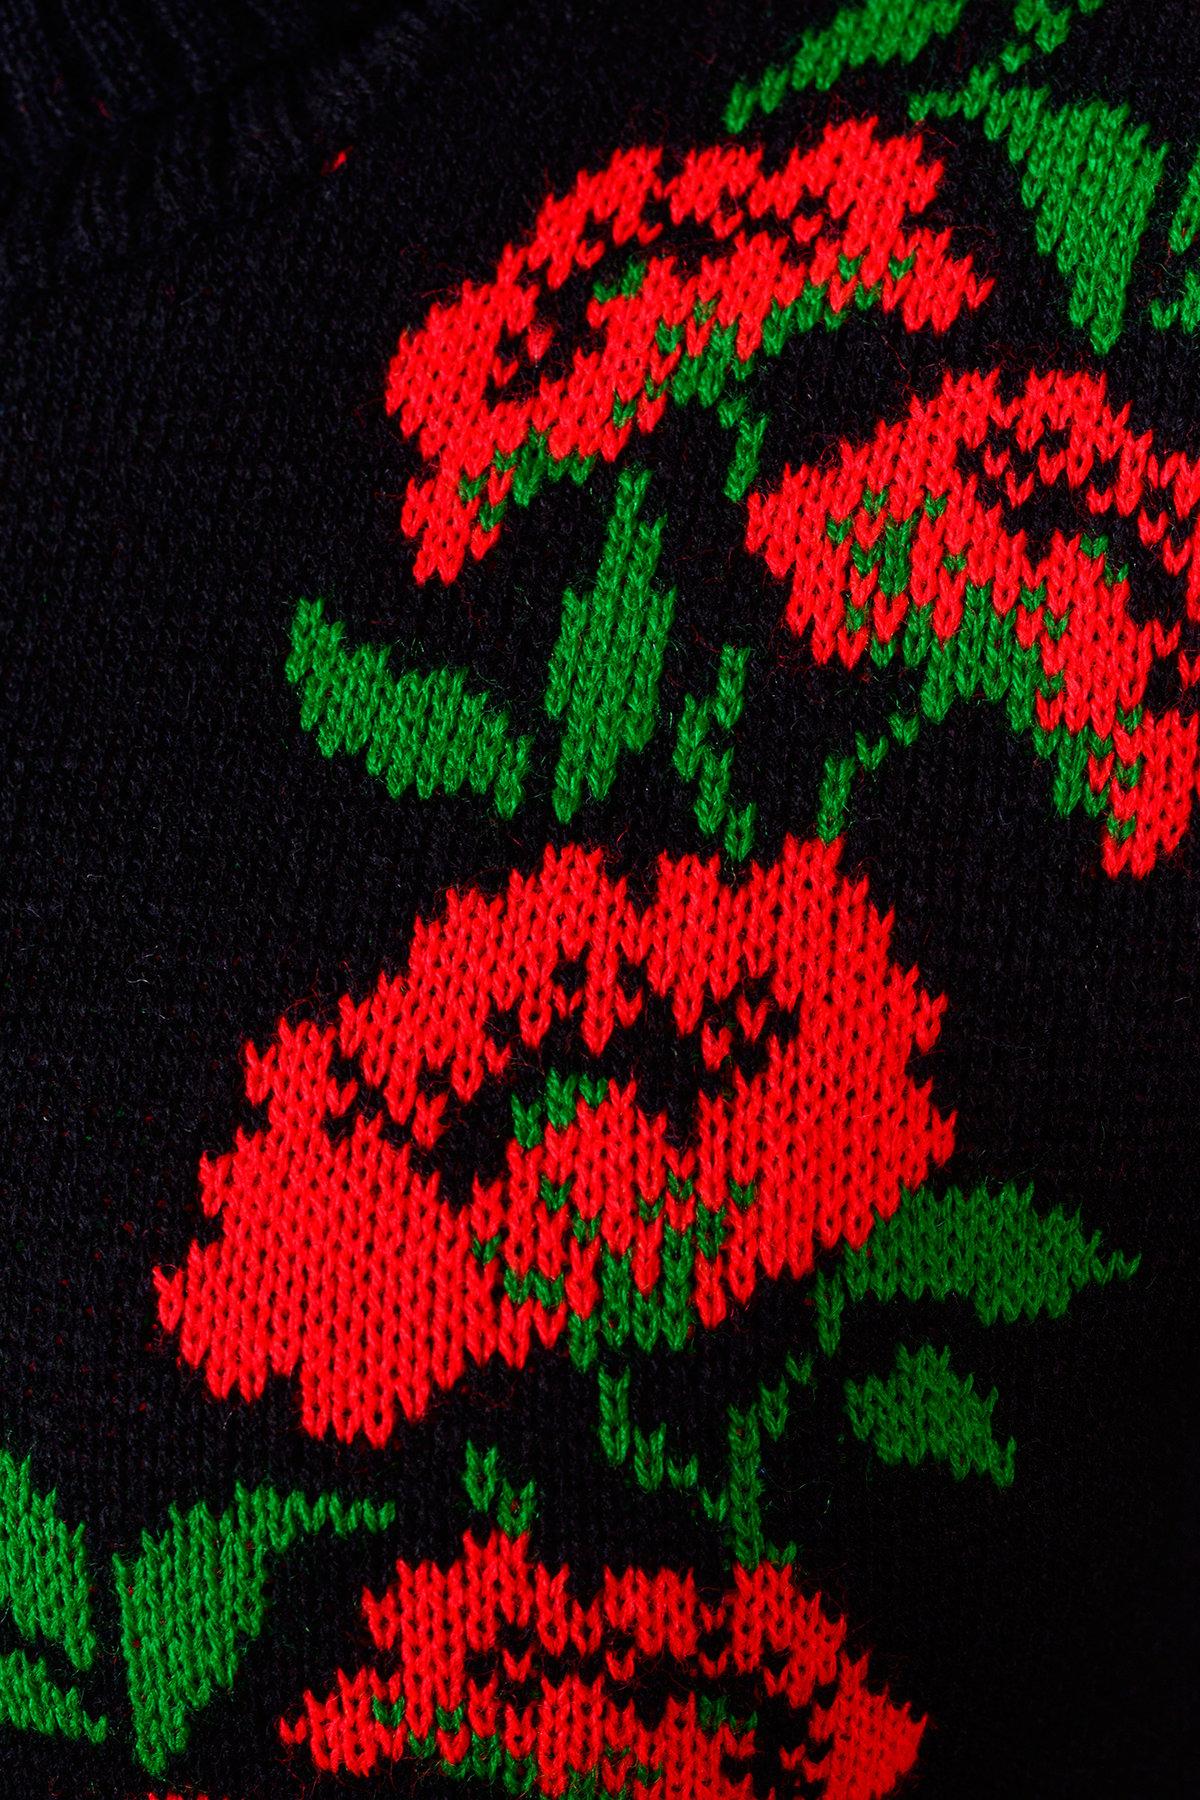 Платье Маки АРТ. 7594 Цвет: Черный/красный/зеленый - фото 4, интернет магазин tm-modus.ru